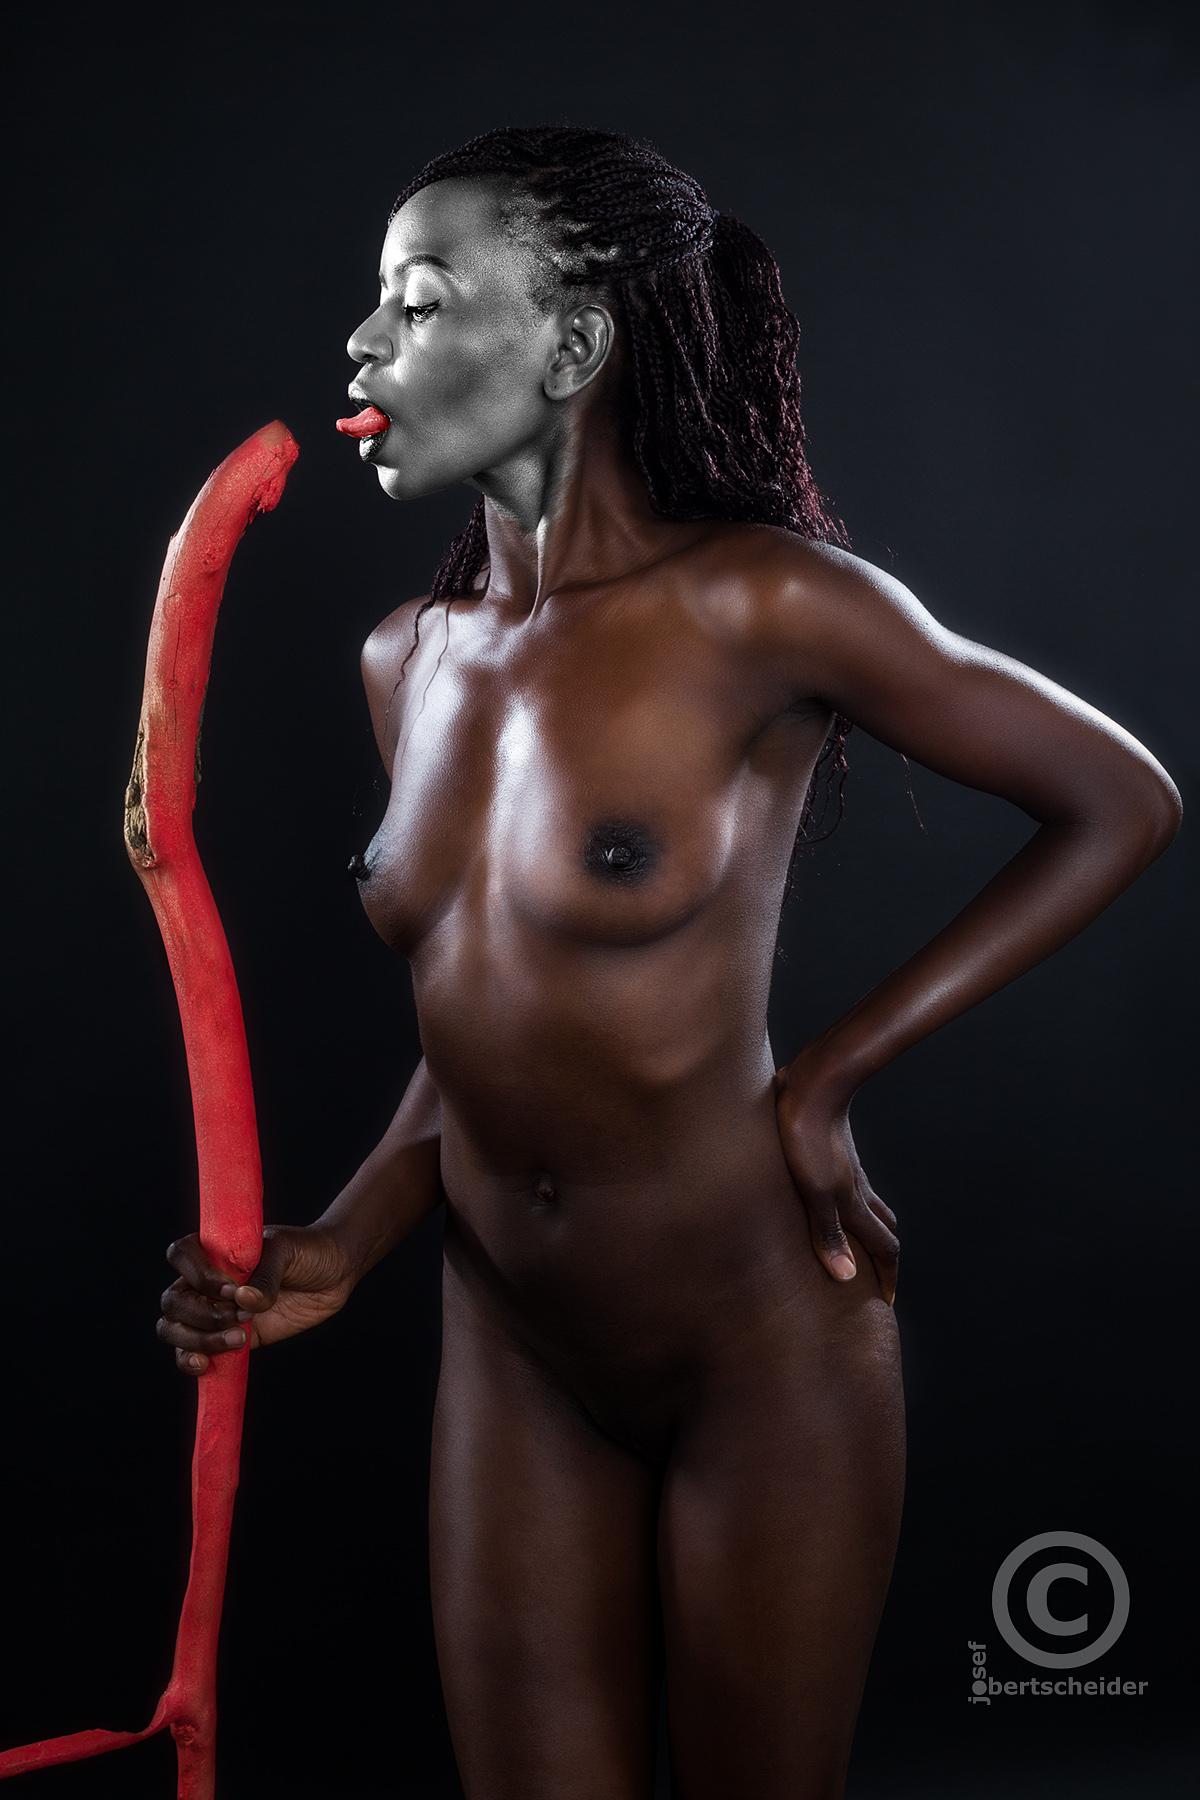 Inszenierte Fotografie mit Model Afroqueen